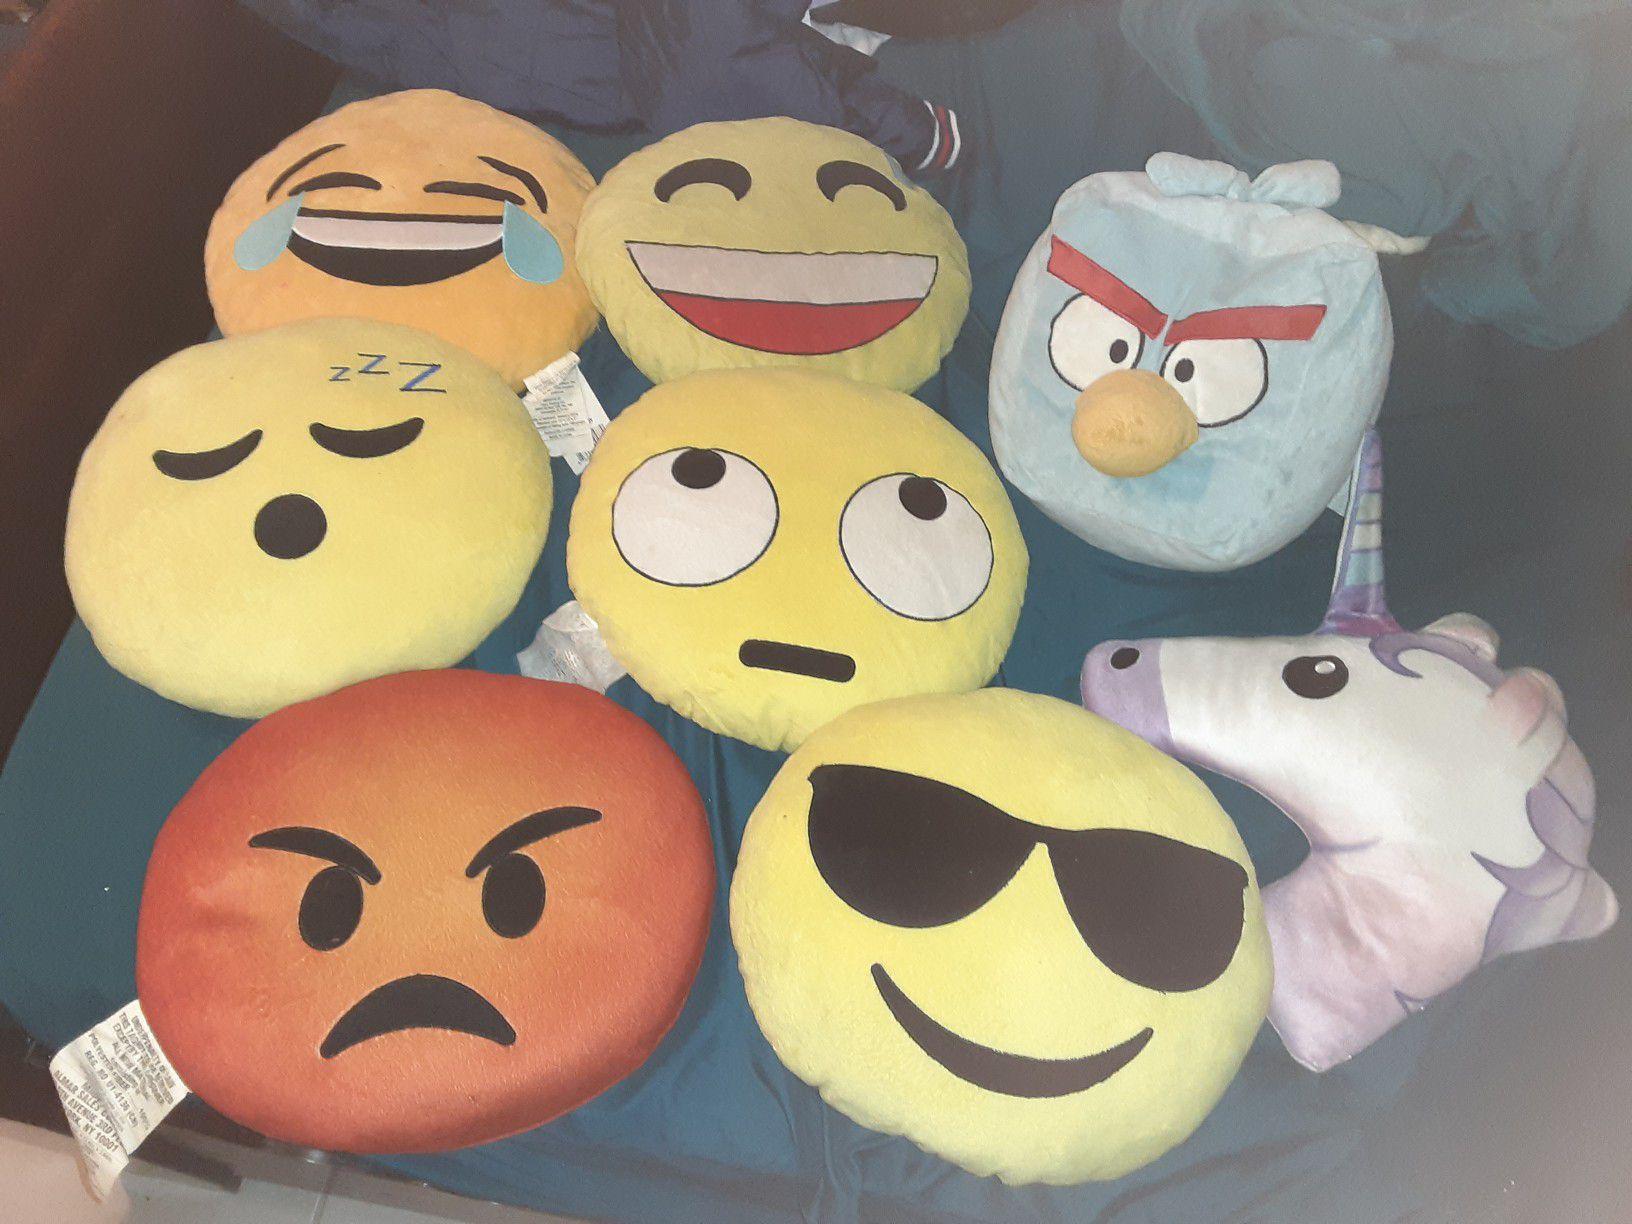 Emoji pillow and angry bird pillow